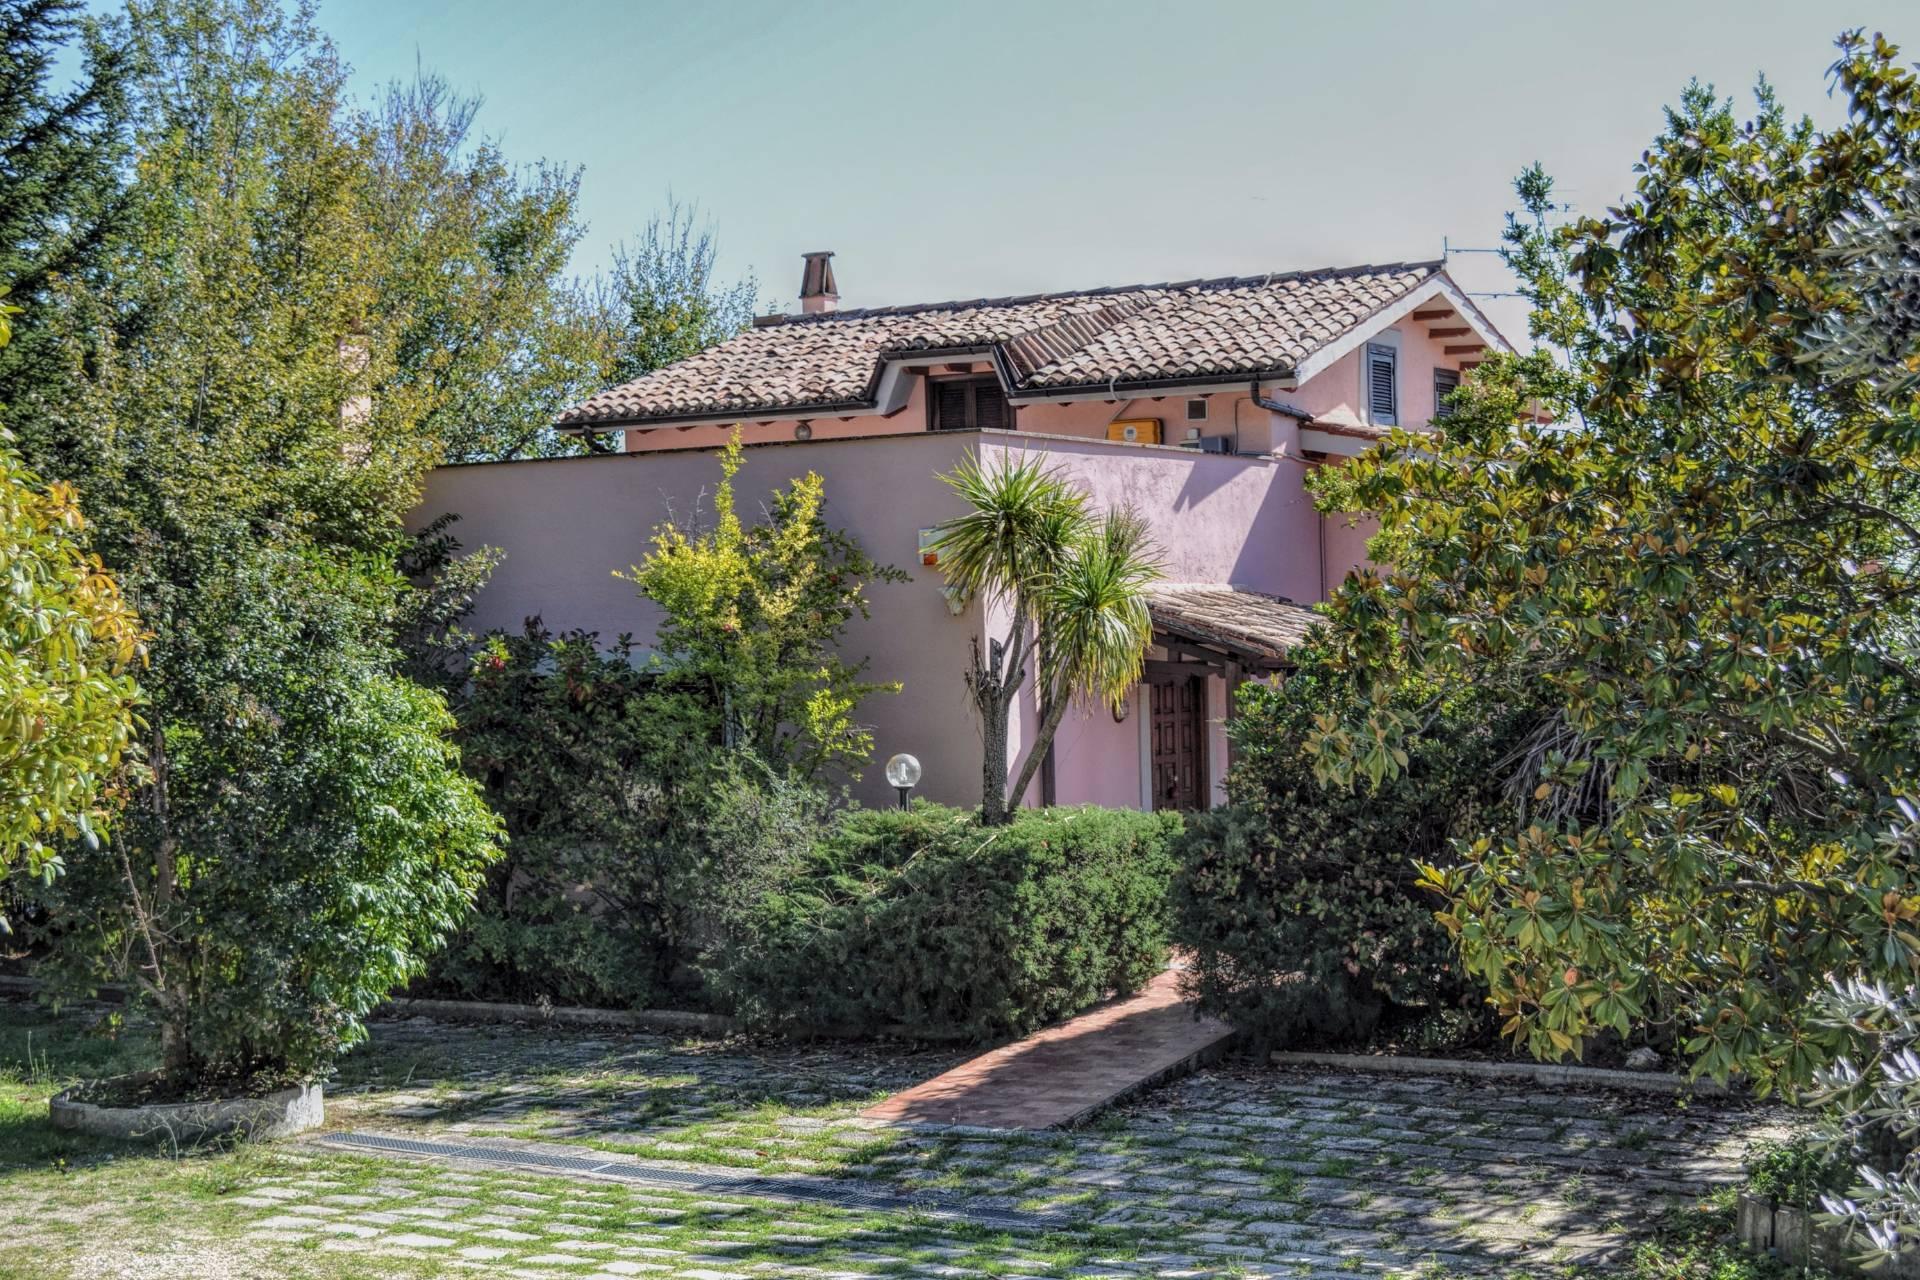 Villa in vendita a Poggio Nativo, 5 locali, prezzo € 410.000 | CambioCasa.it